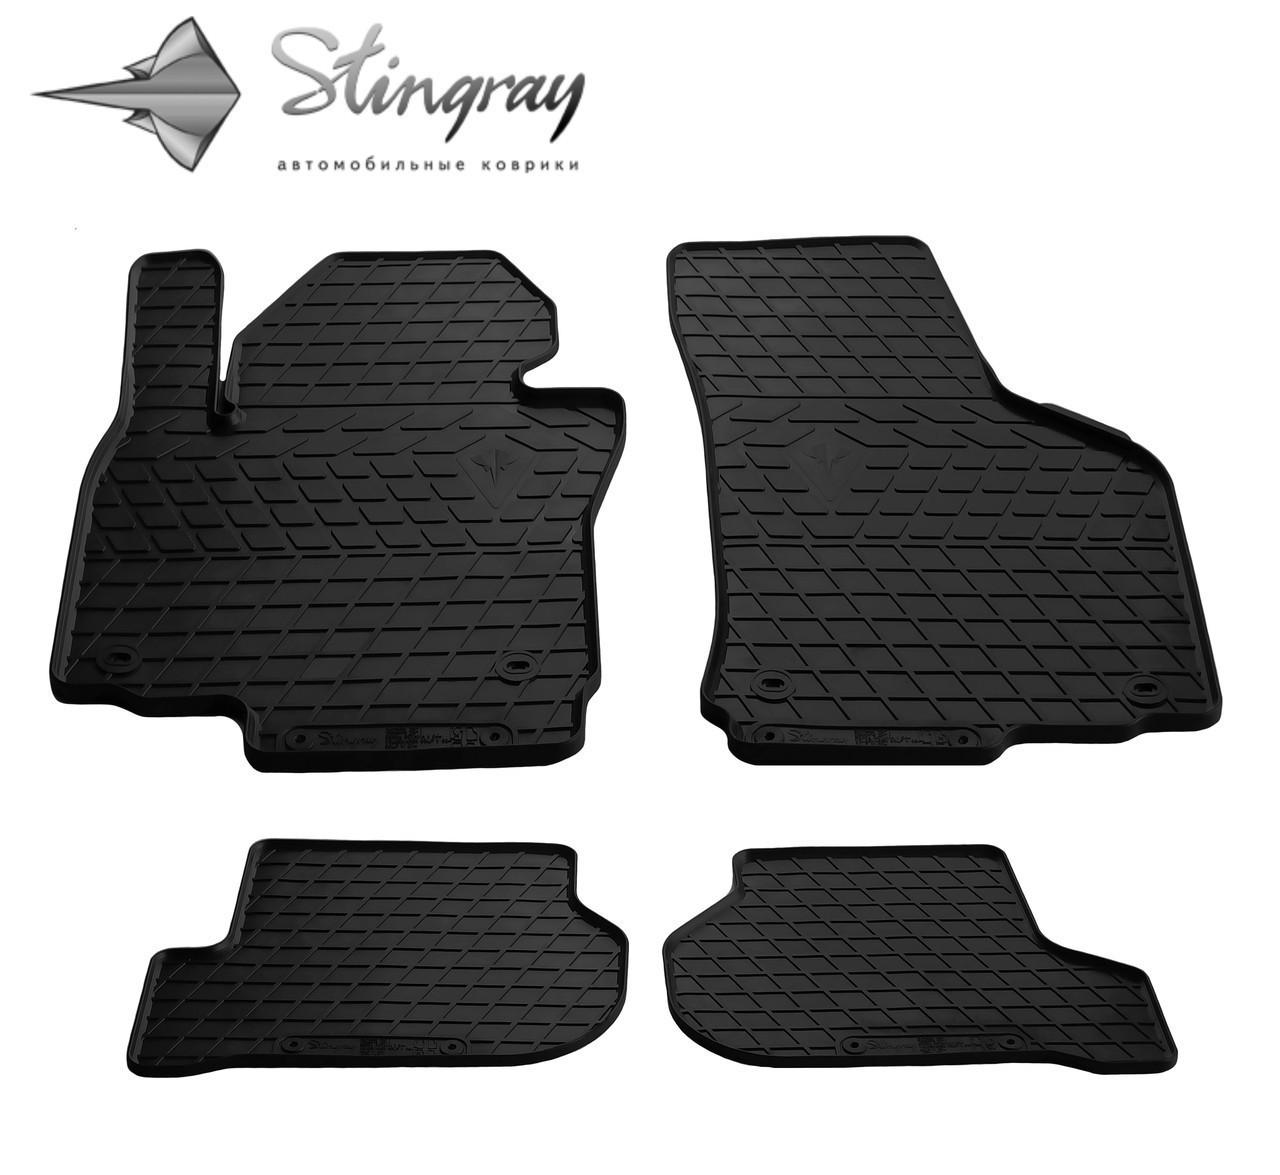 Коврики автомобильные для Volkswagen Golf V 2003- Stingray